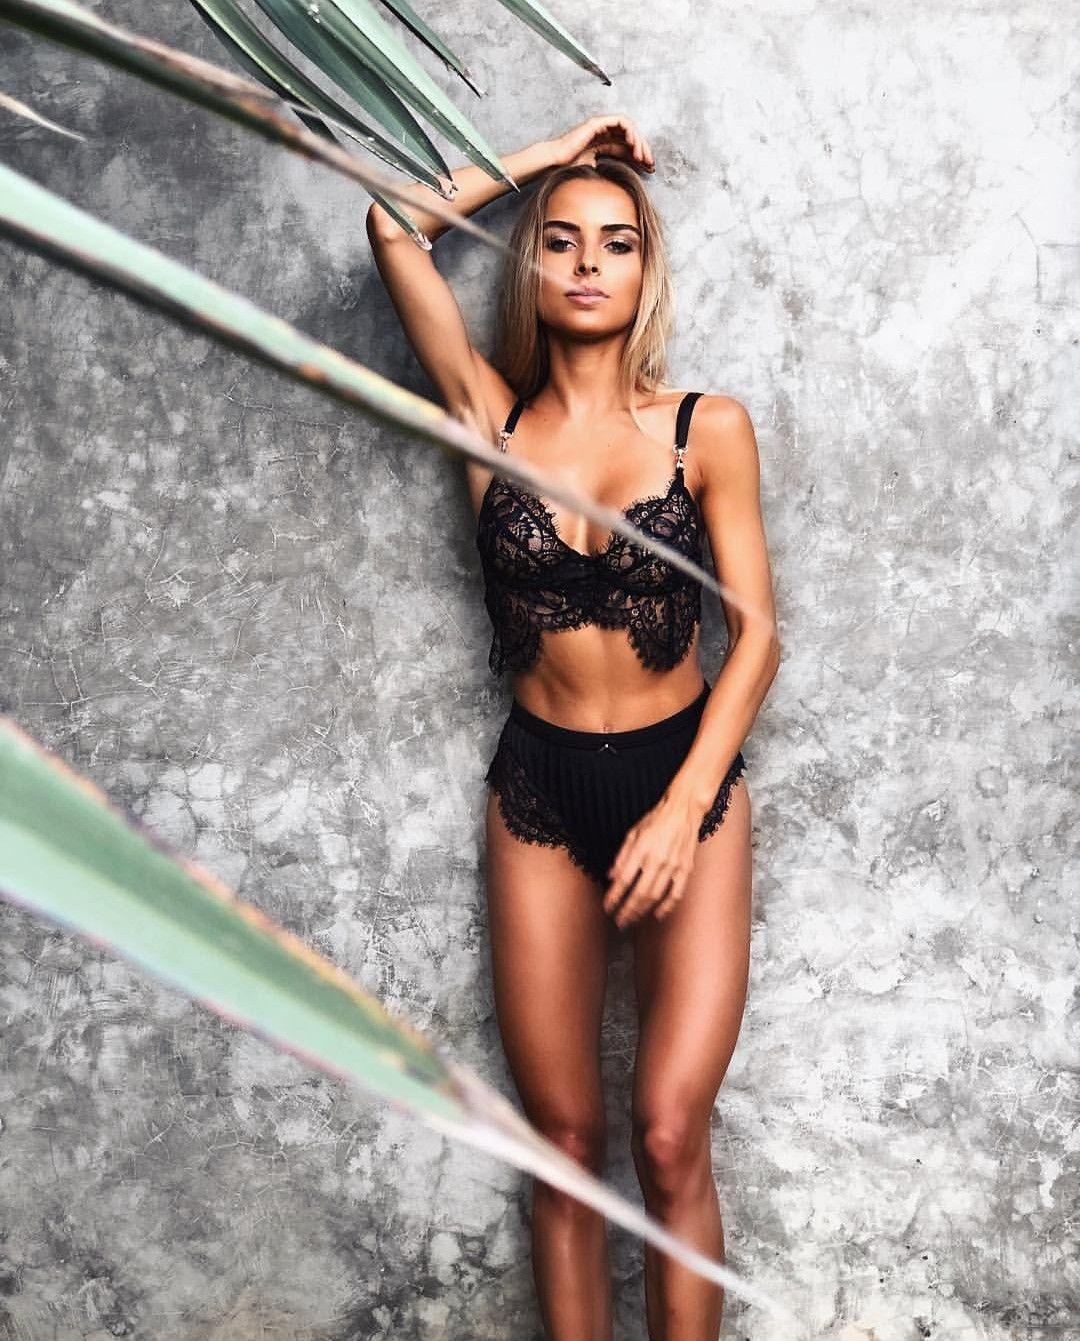 Hacked Chiara Bransi nude (35 photo), Topless, Bikini, Instagram, lingerie 2018